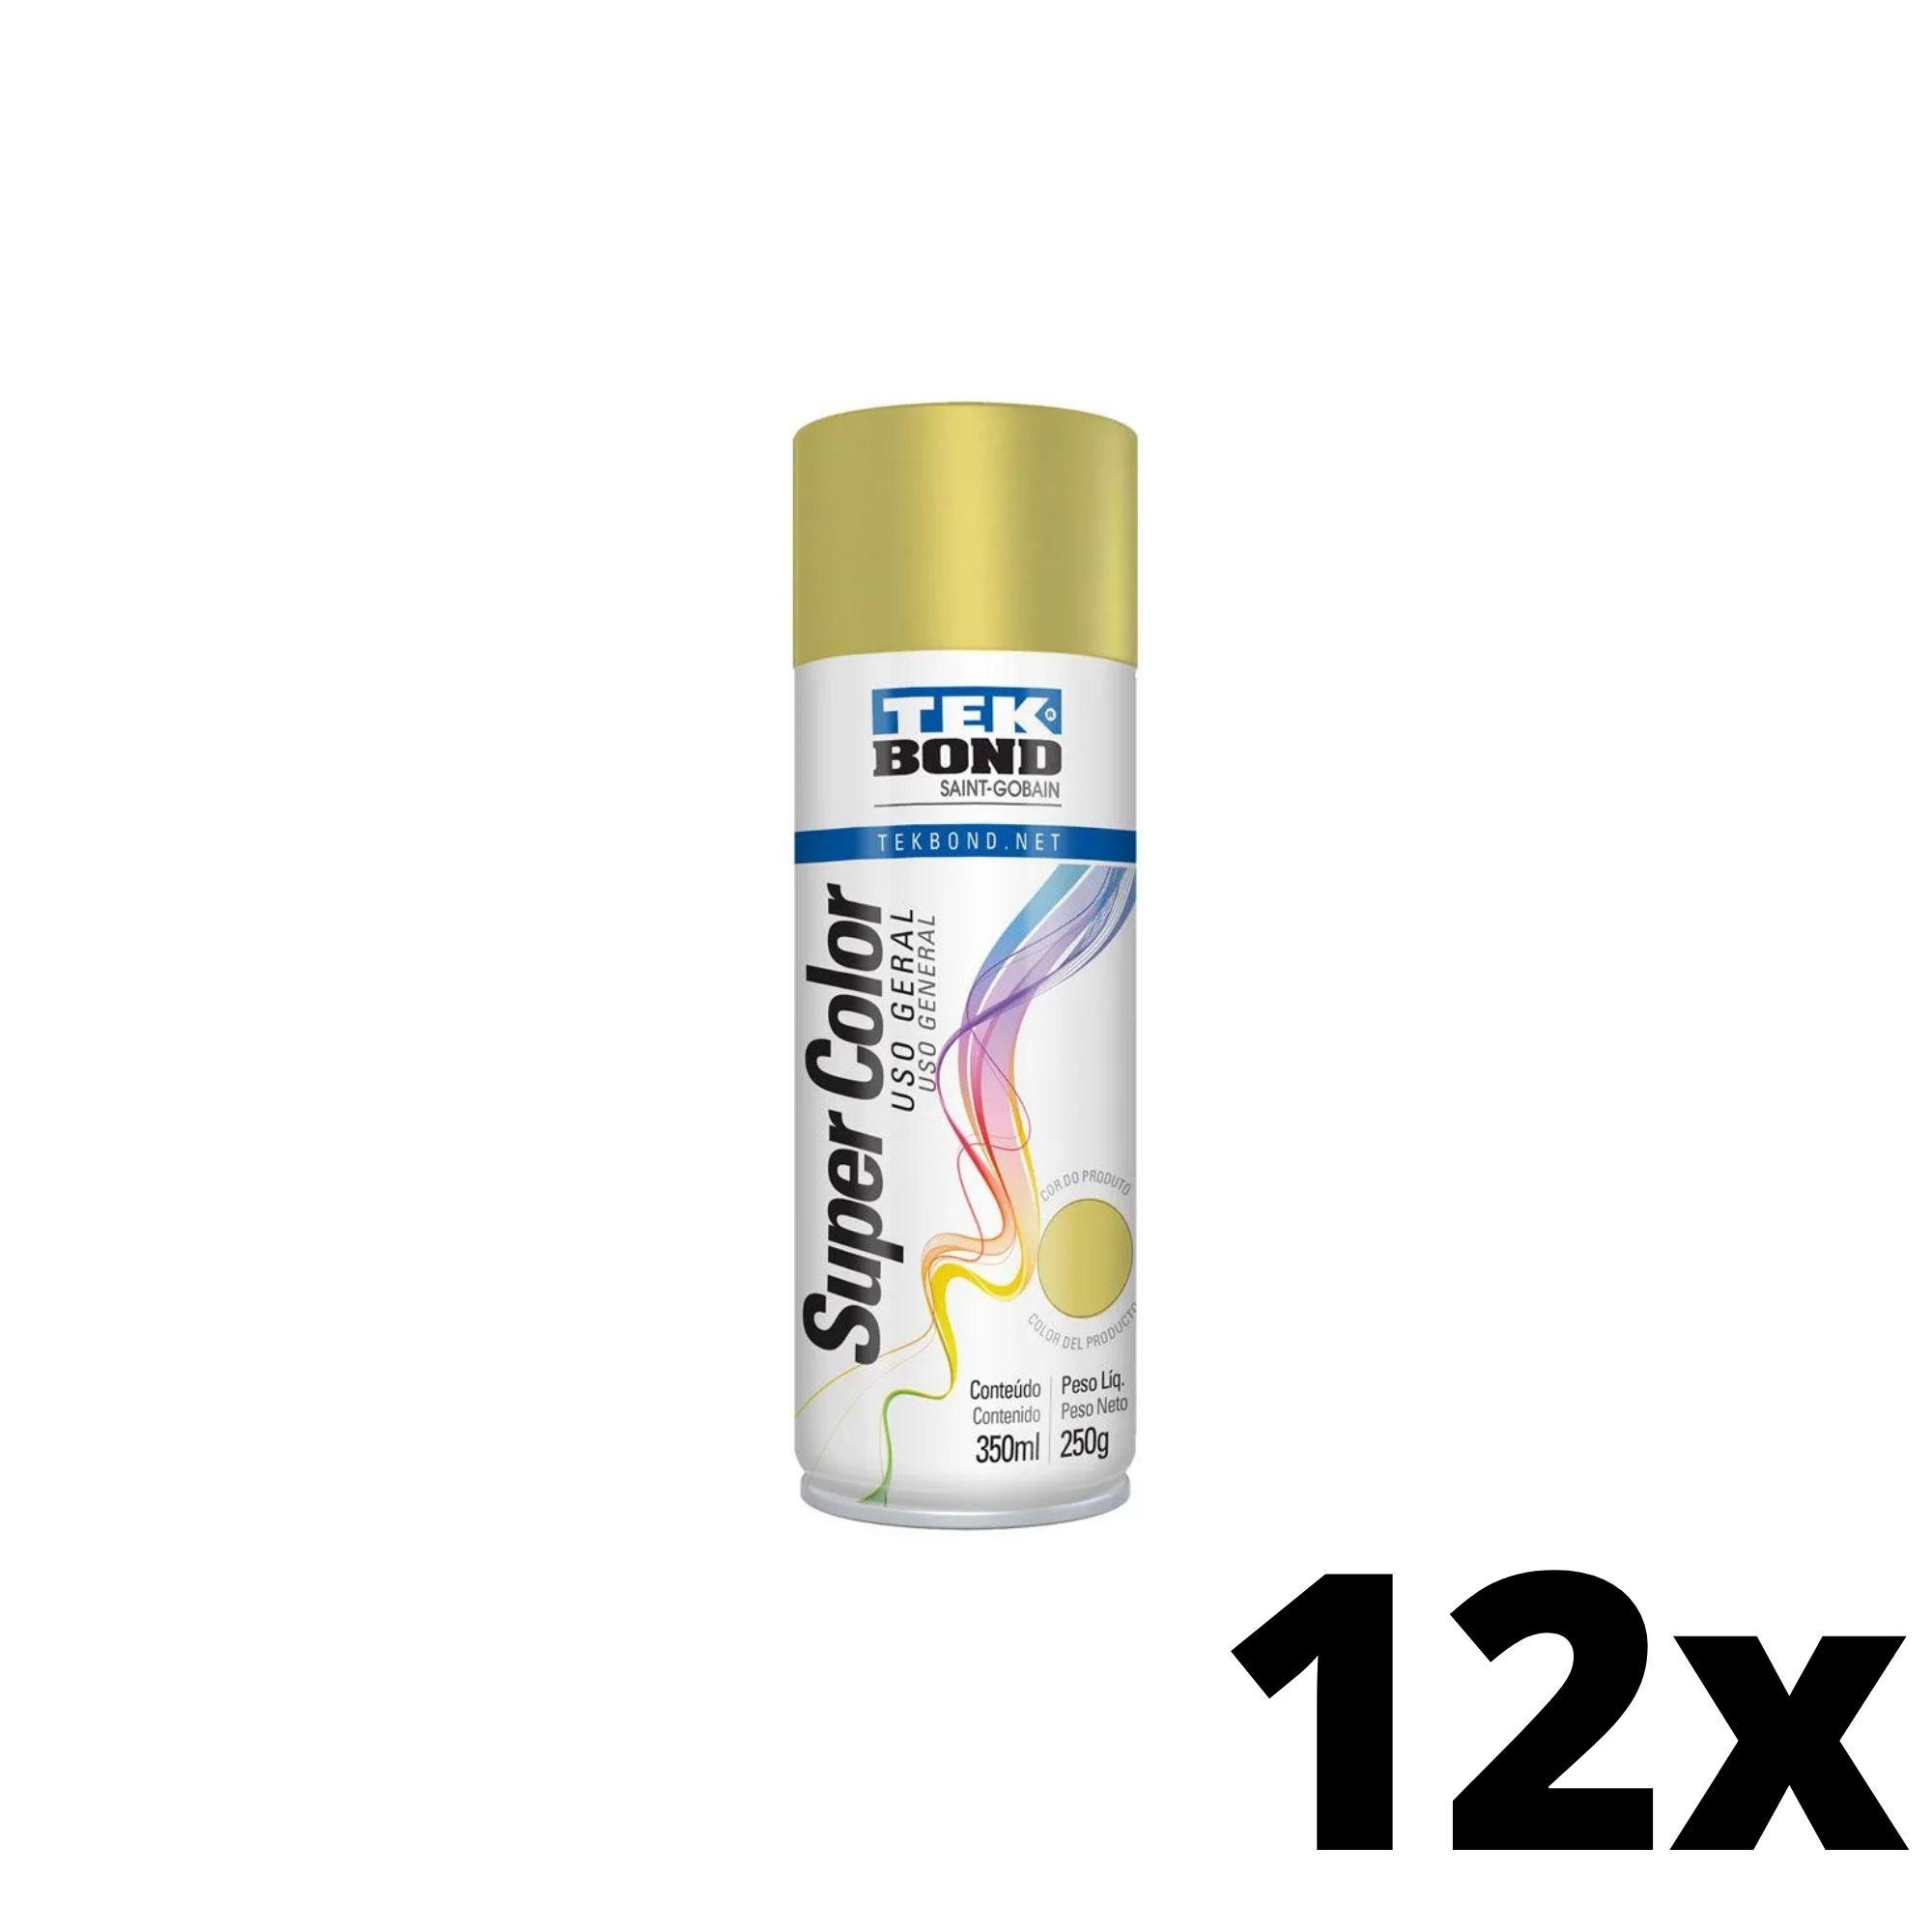 Kit 12 und Tinta Spray Dourado